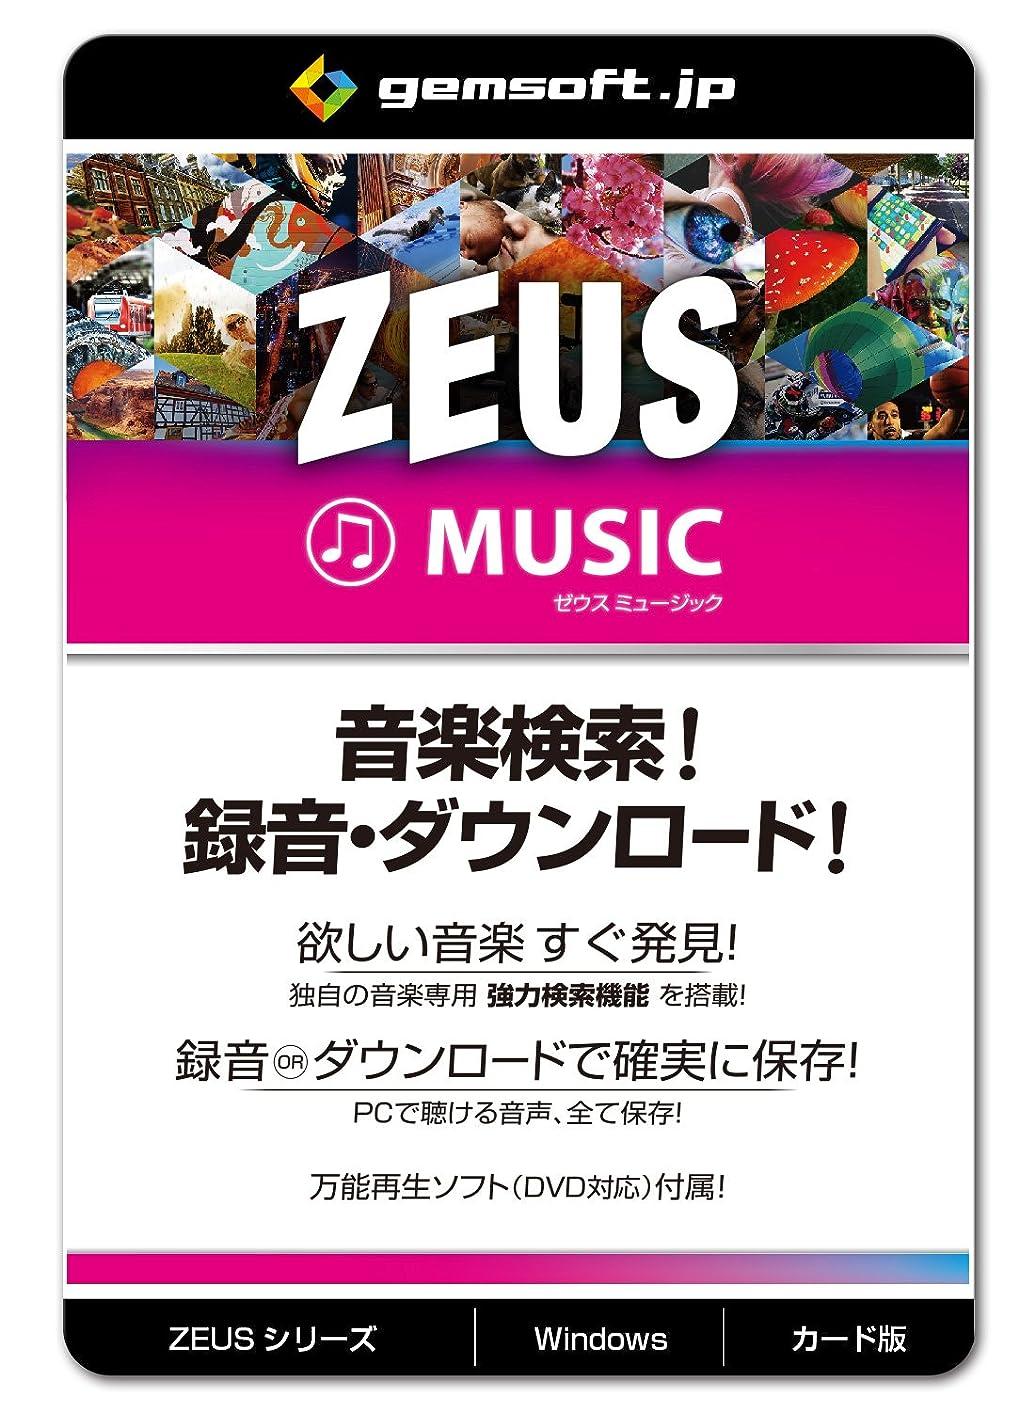 返還コンピューターを使用する防腐剤ZEUS MUSIC 音楽万能~音楽検索?録音?ダウンロード! | カード版 | Win対応